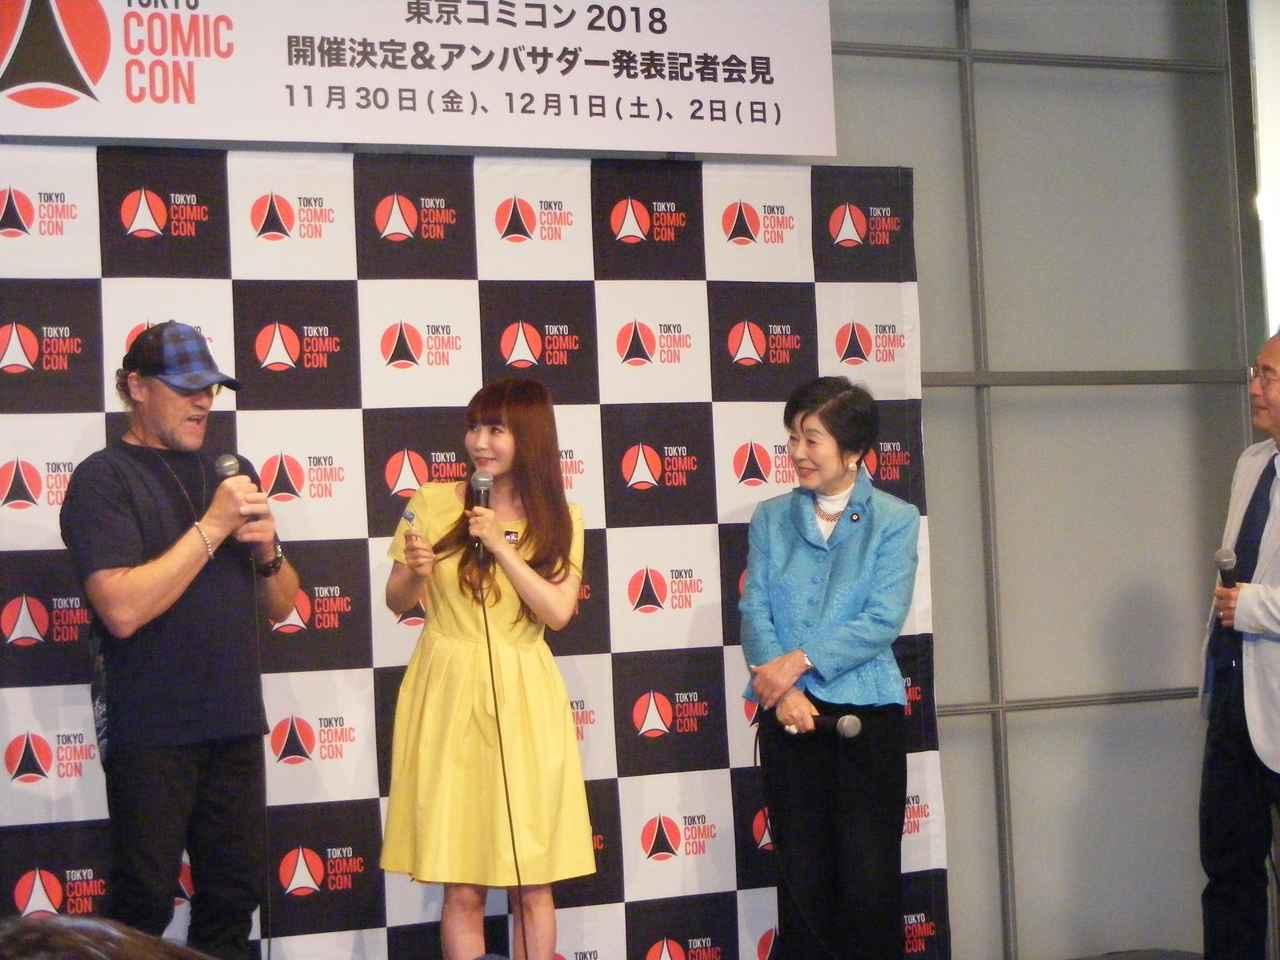 画像2: 今年も東京コミコン開催!中川翔子アンバサダーに就任、記者会見